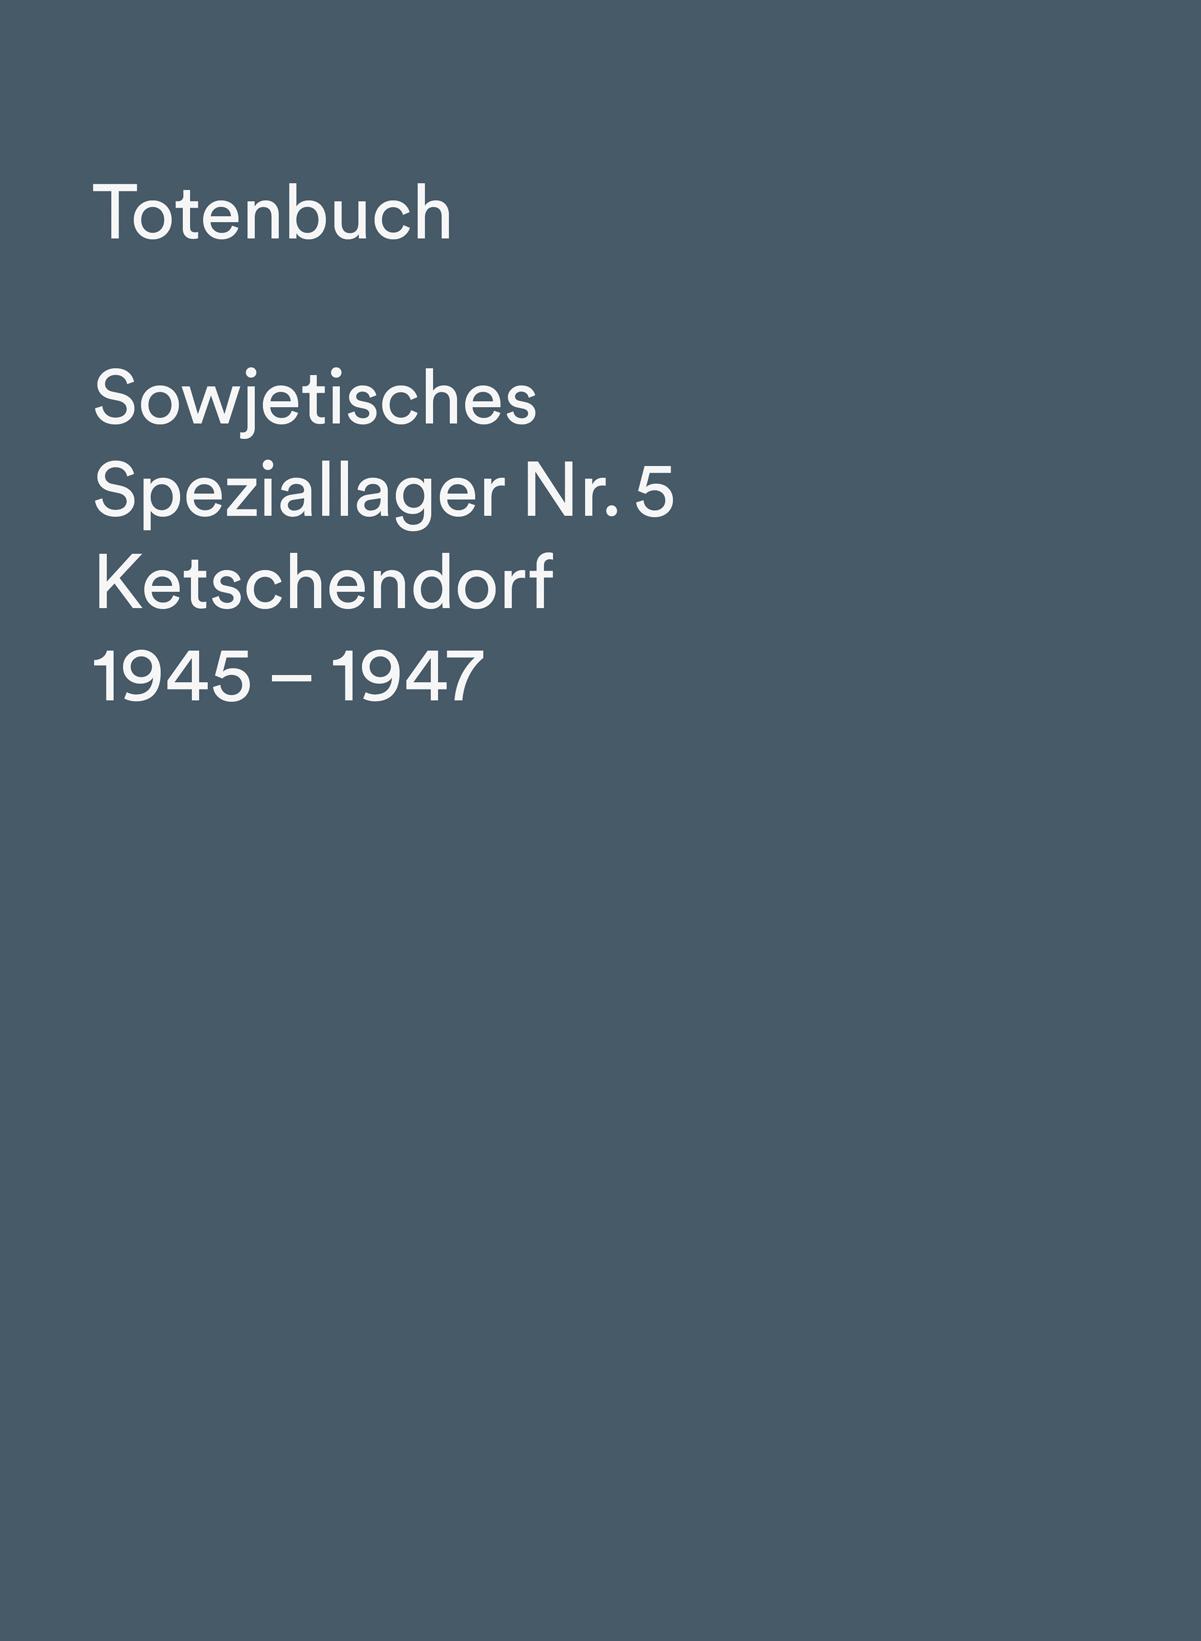 Totenbuch Ketschendorf 1945 bis 1947